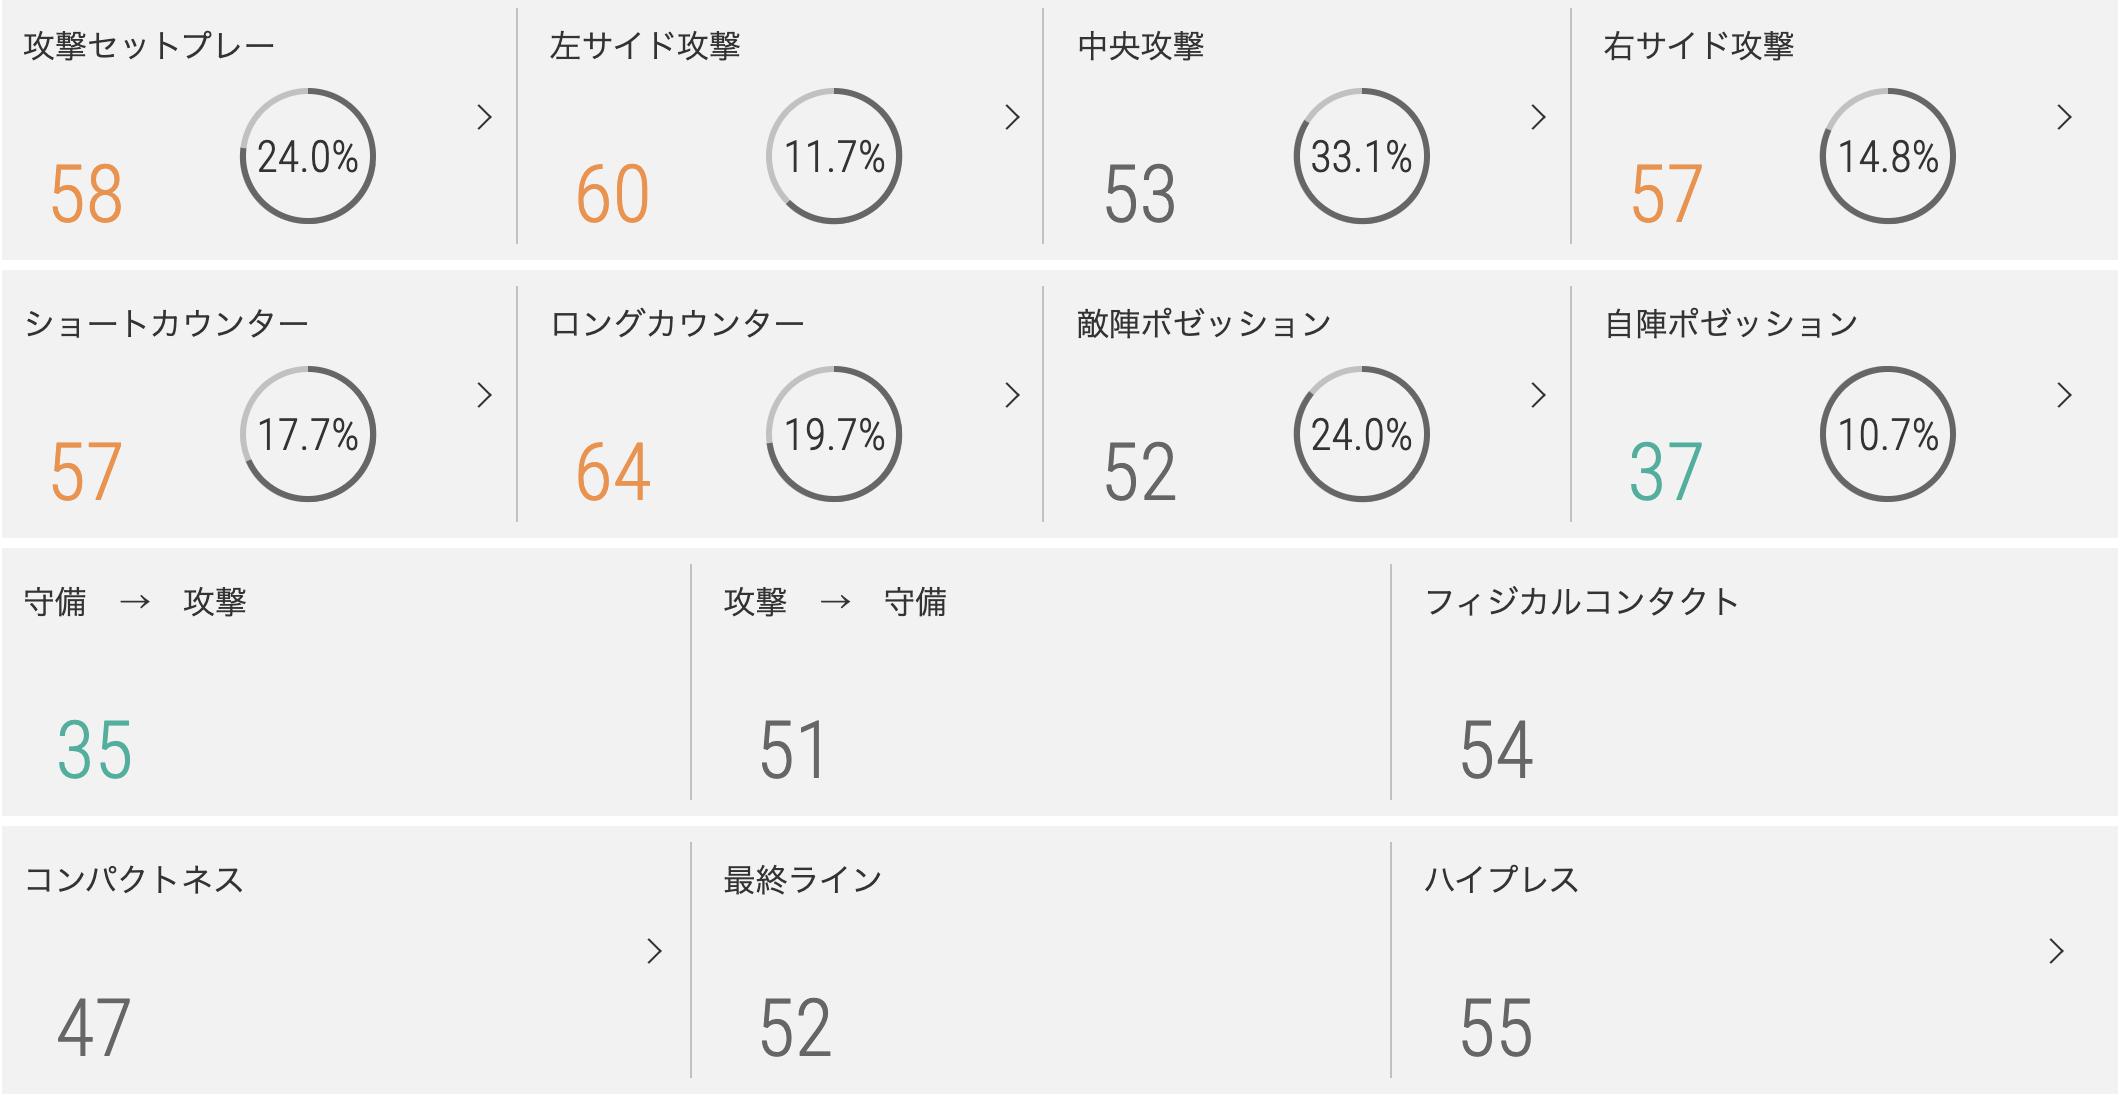 サンフレッチェ広島のチームスタイル指標